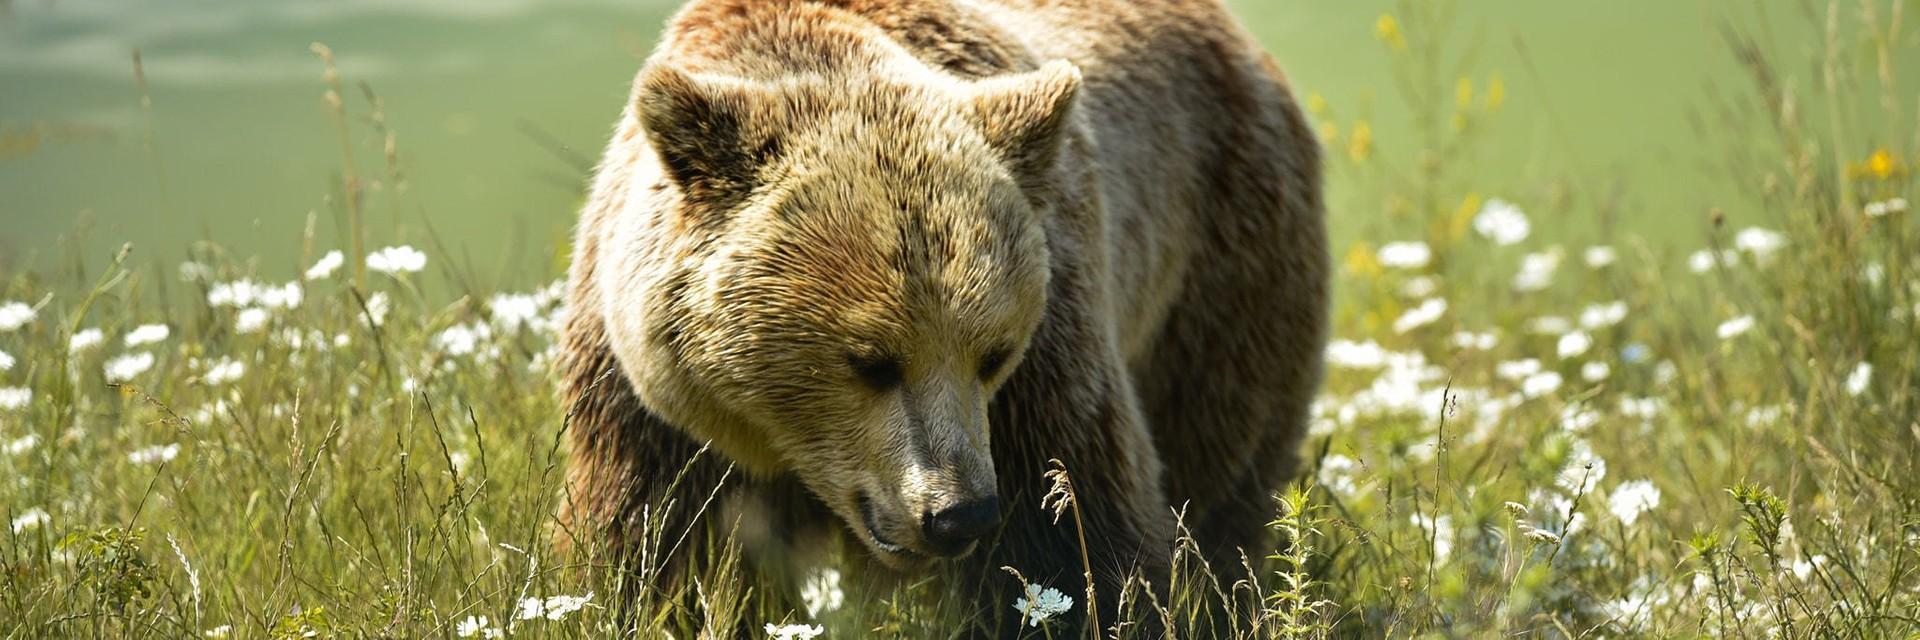 Bear Mira on a flowery meadow in a sanctuary